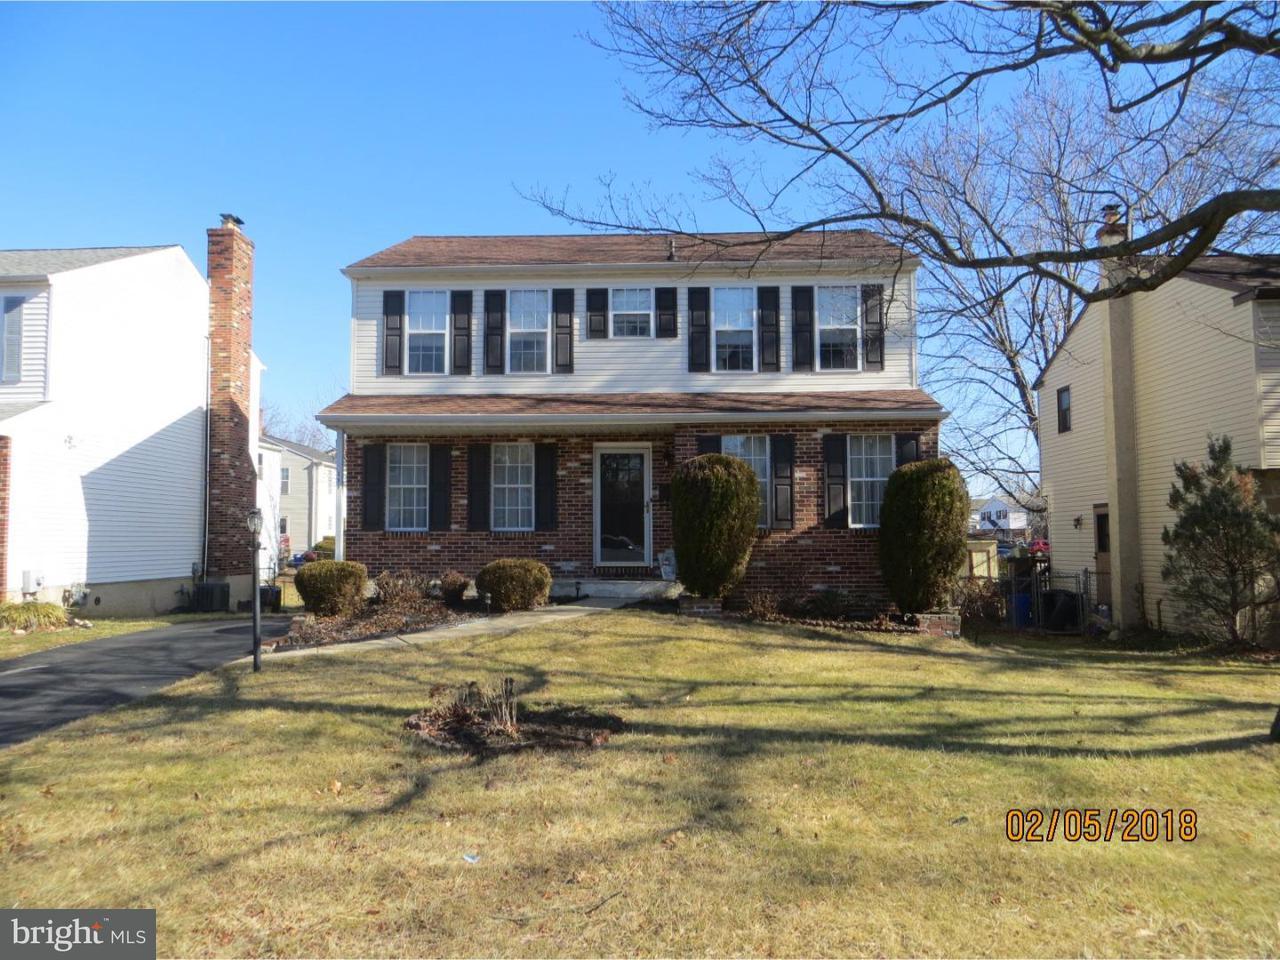 Частный односемейный дом для того Продажа на 111 S GLENWOOD Avenue Aldan, Пенсильвания 19018 Соединенные Штаты